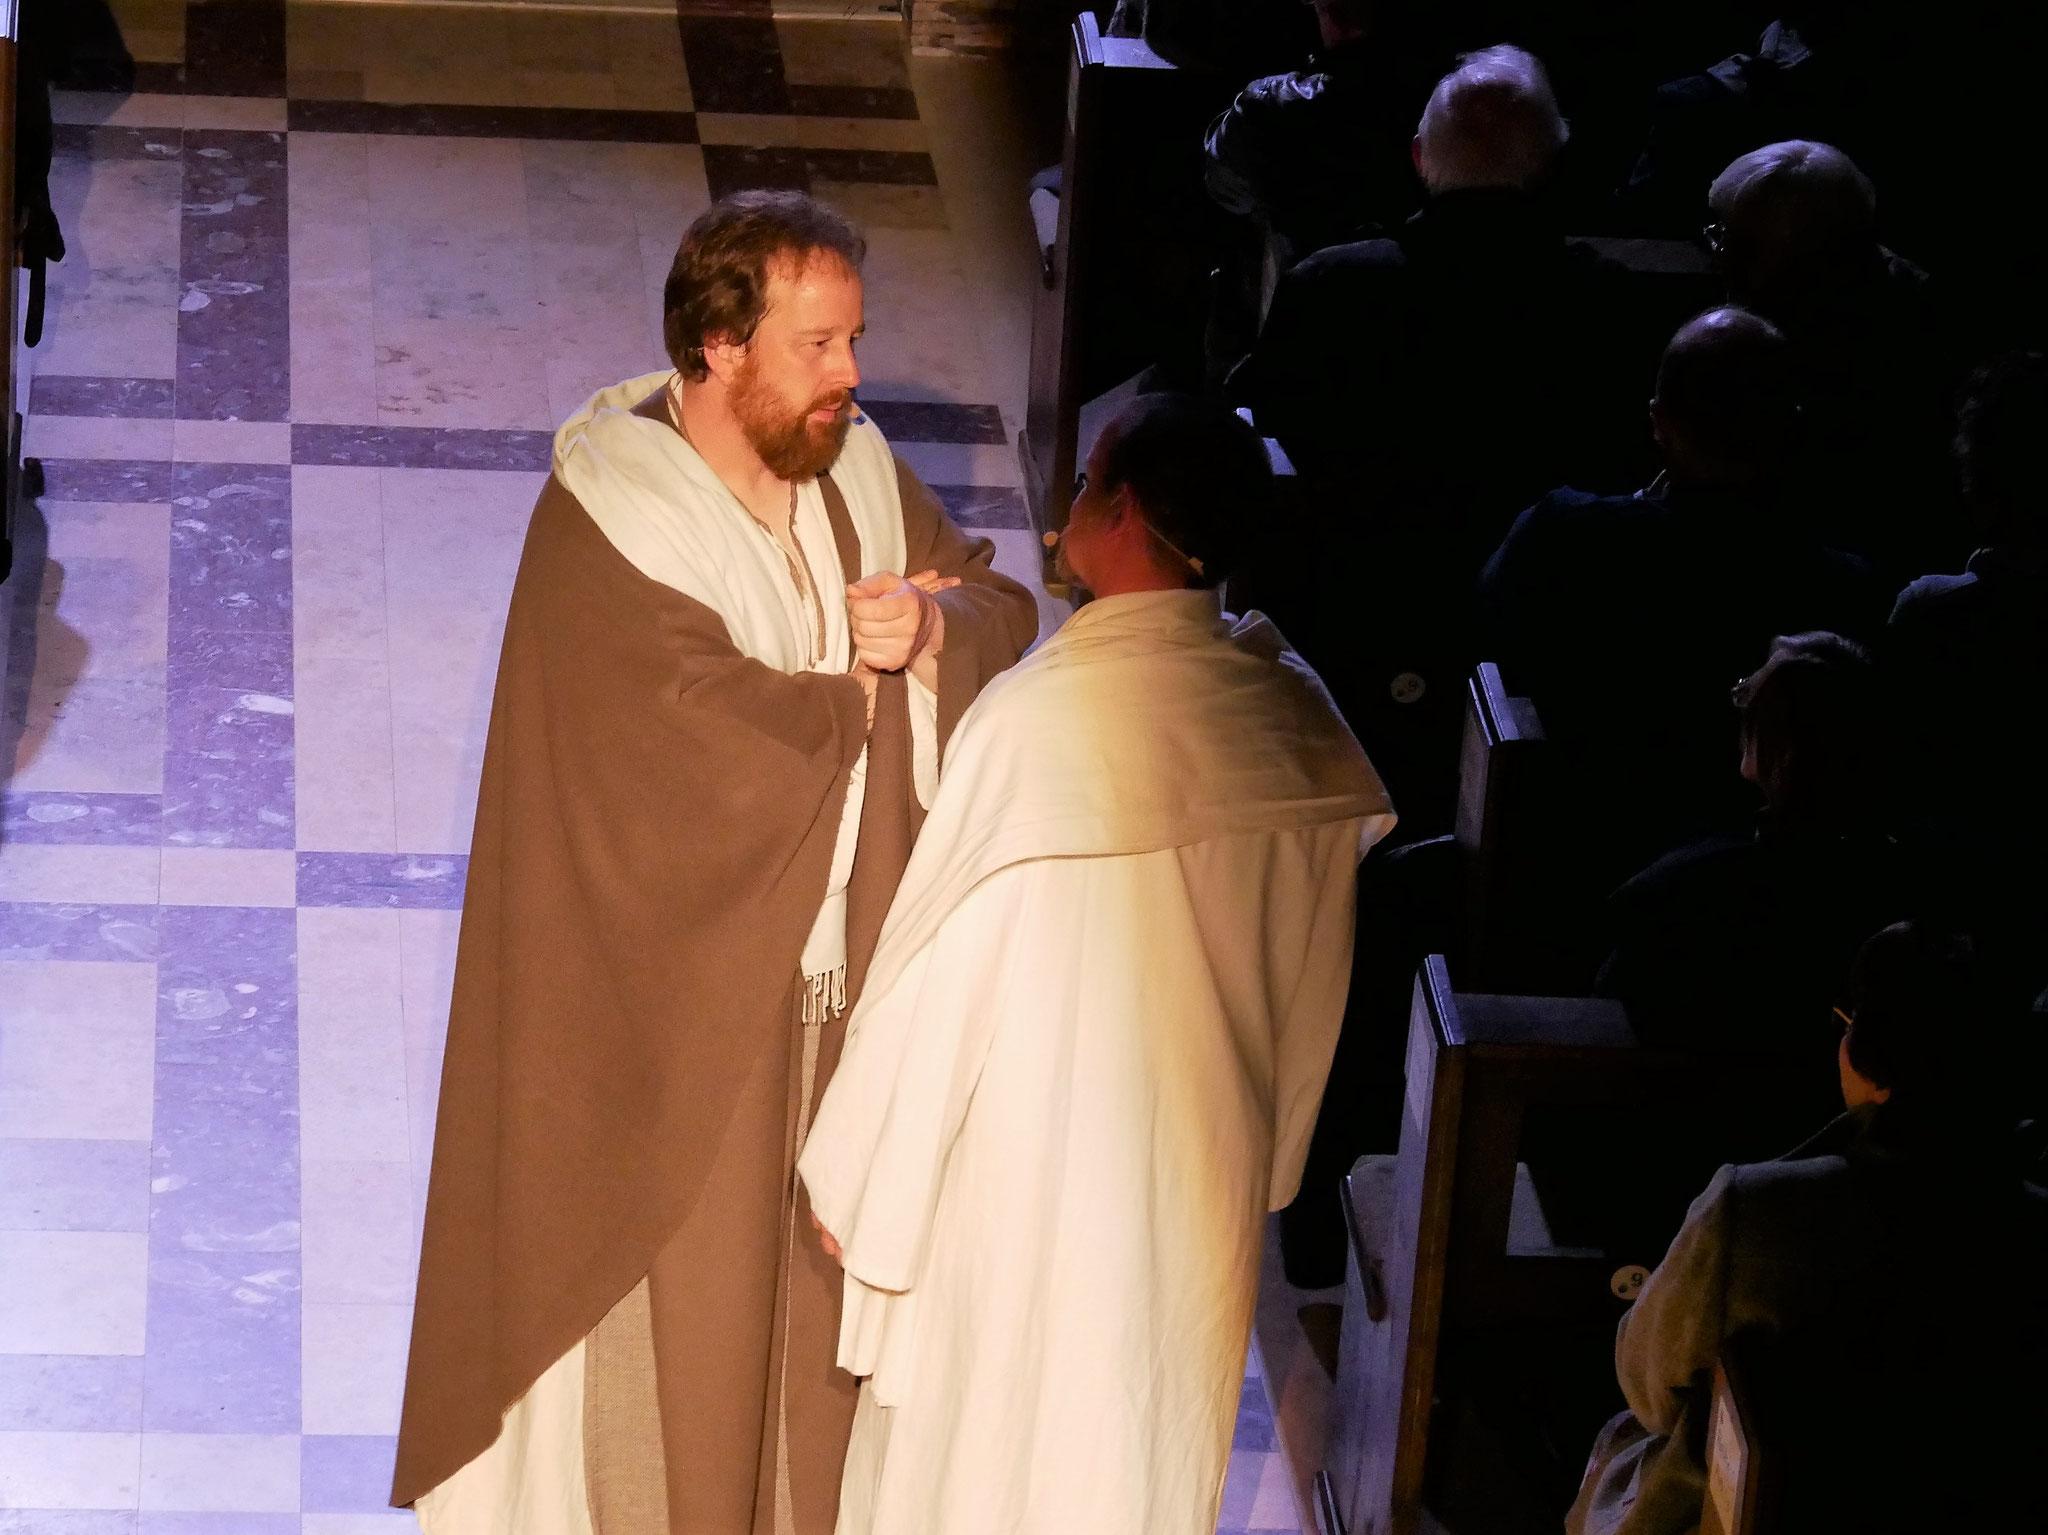 Judas verrät Jesus für 30 Silberlinge